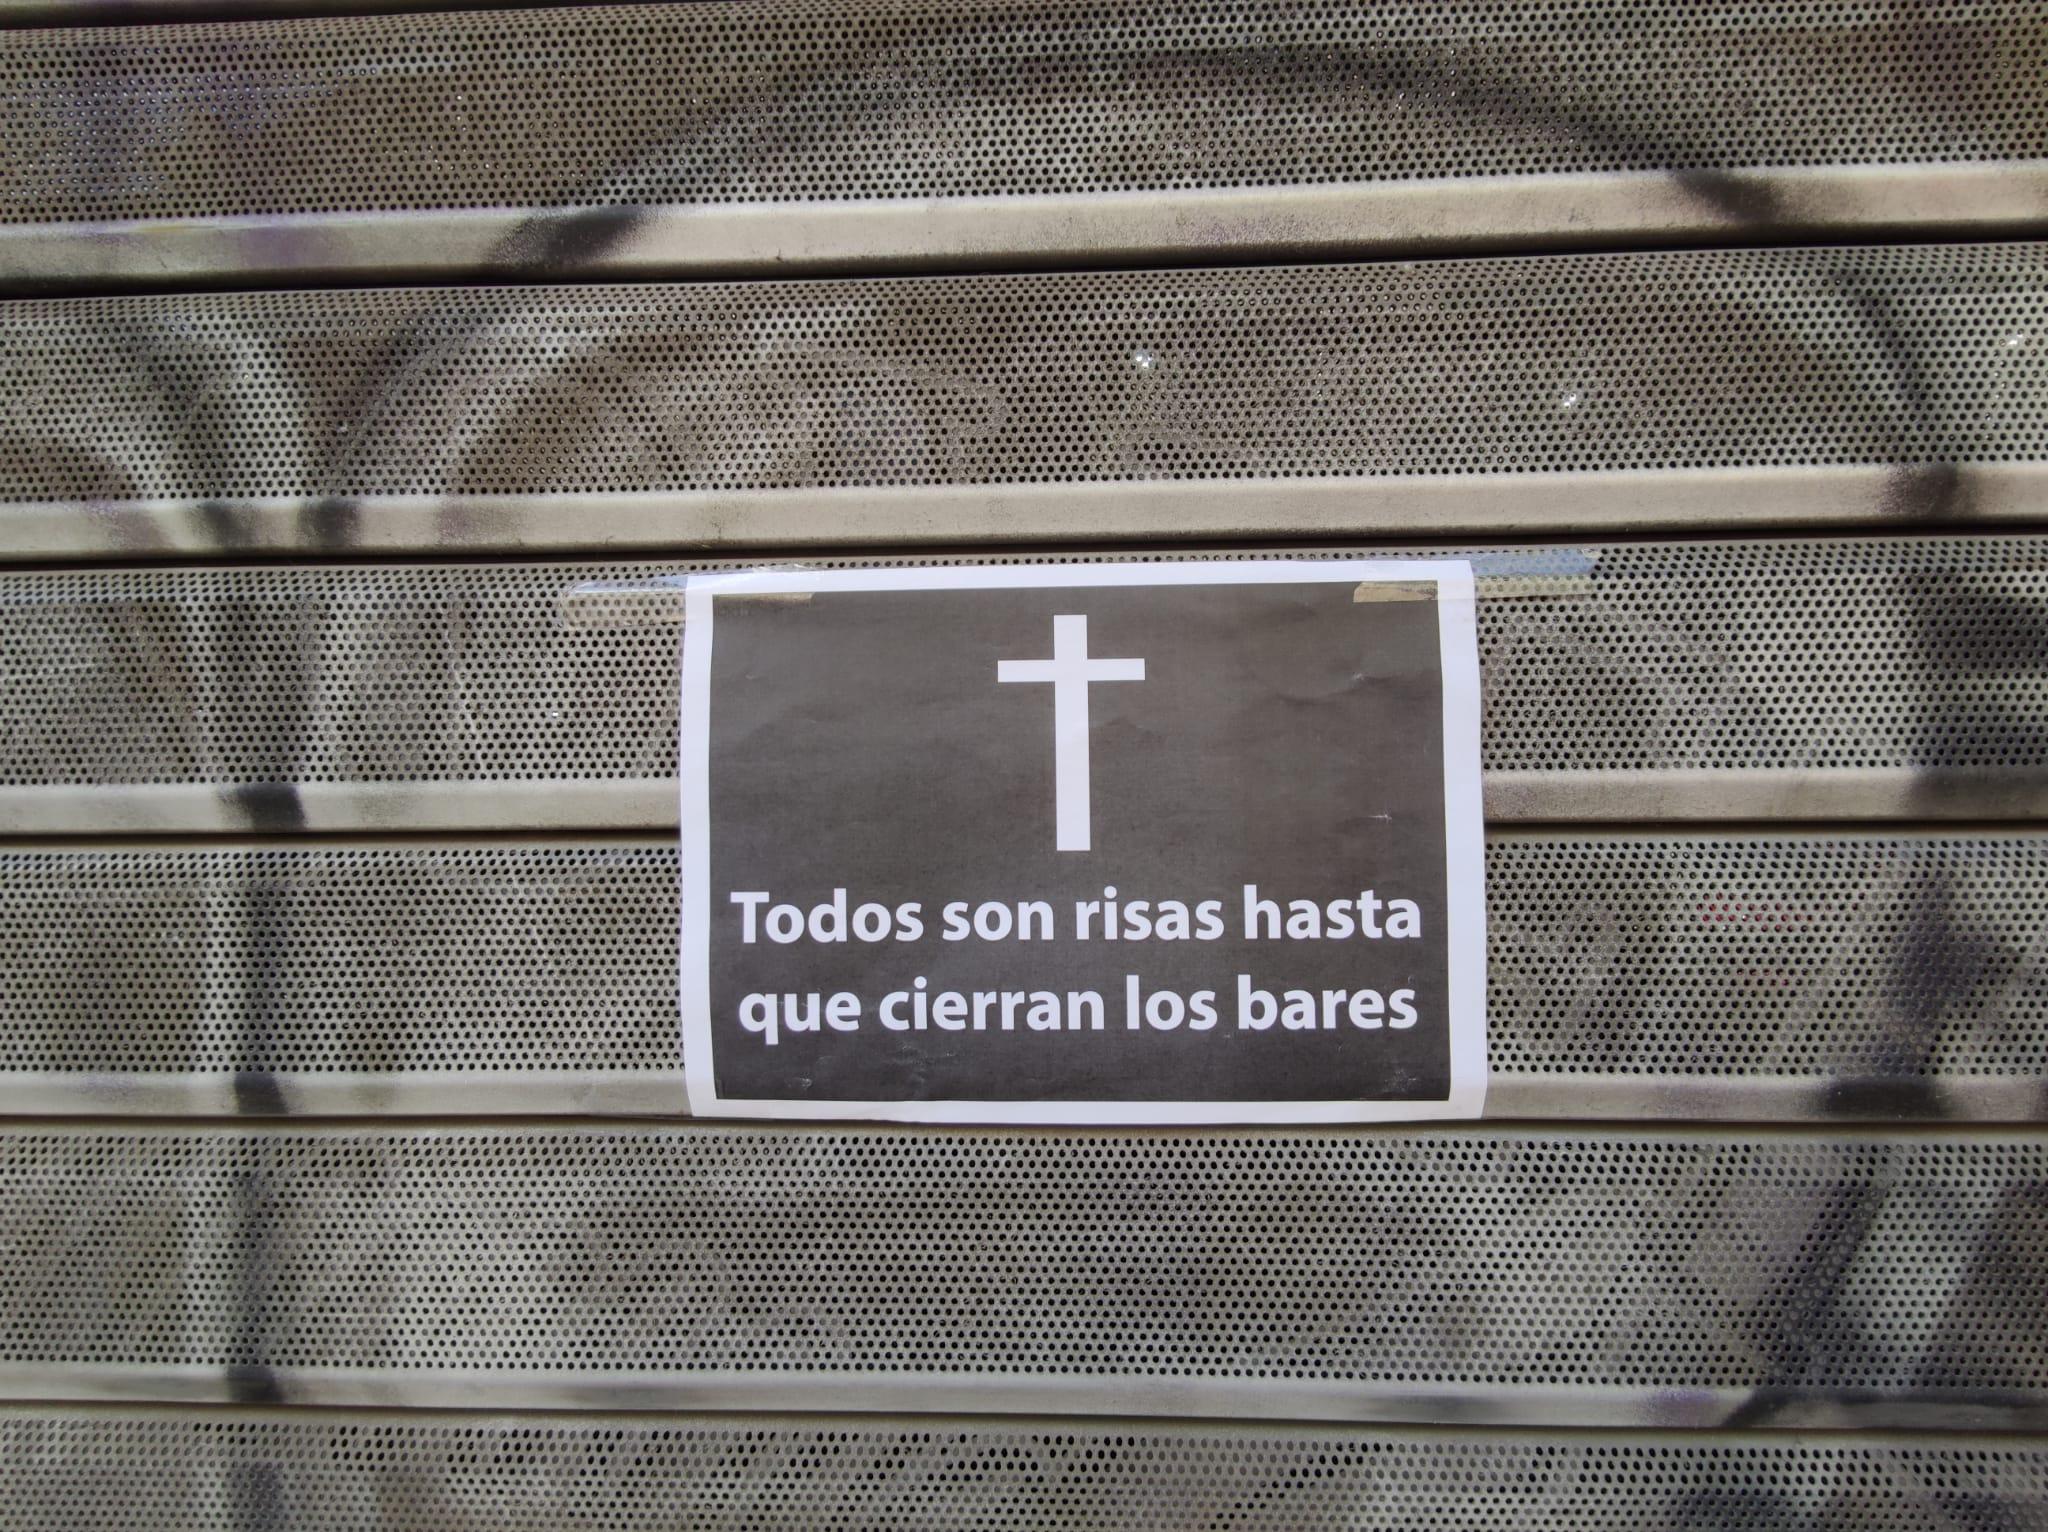 Un cartell enganxat a la persiana de L'Anxoveta de Sants / J.A.G.